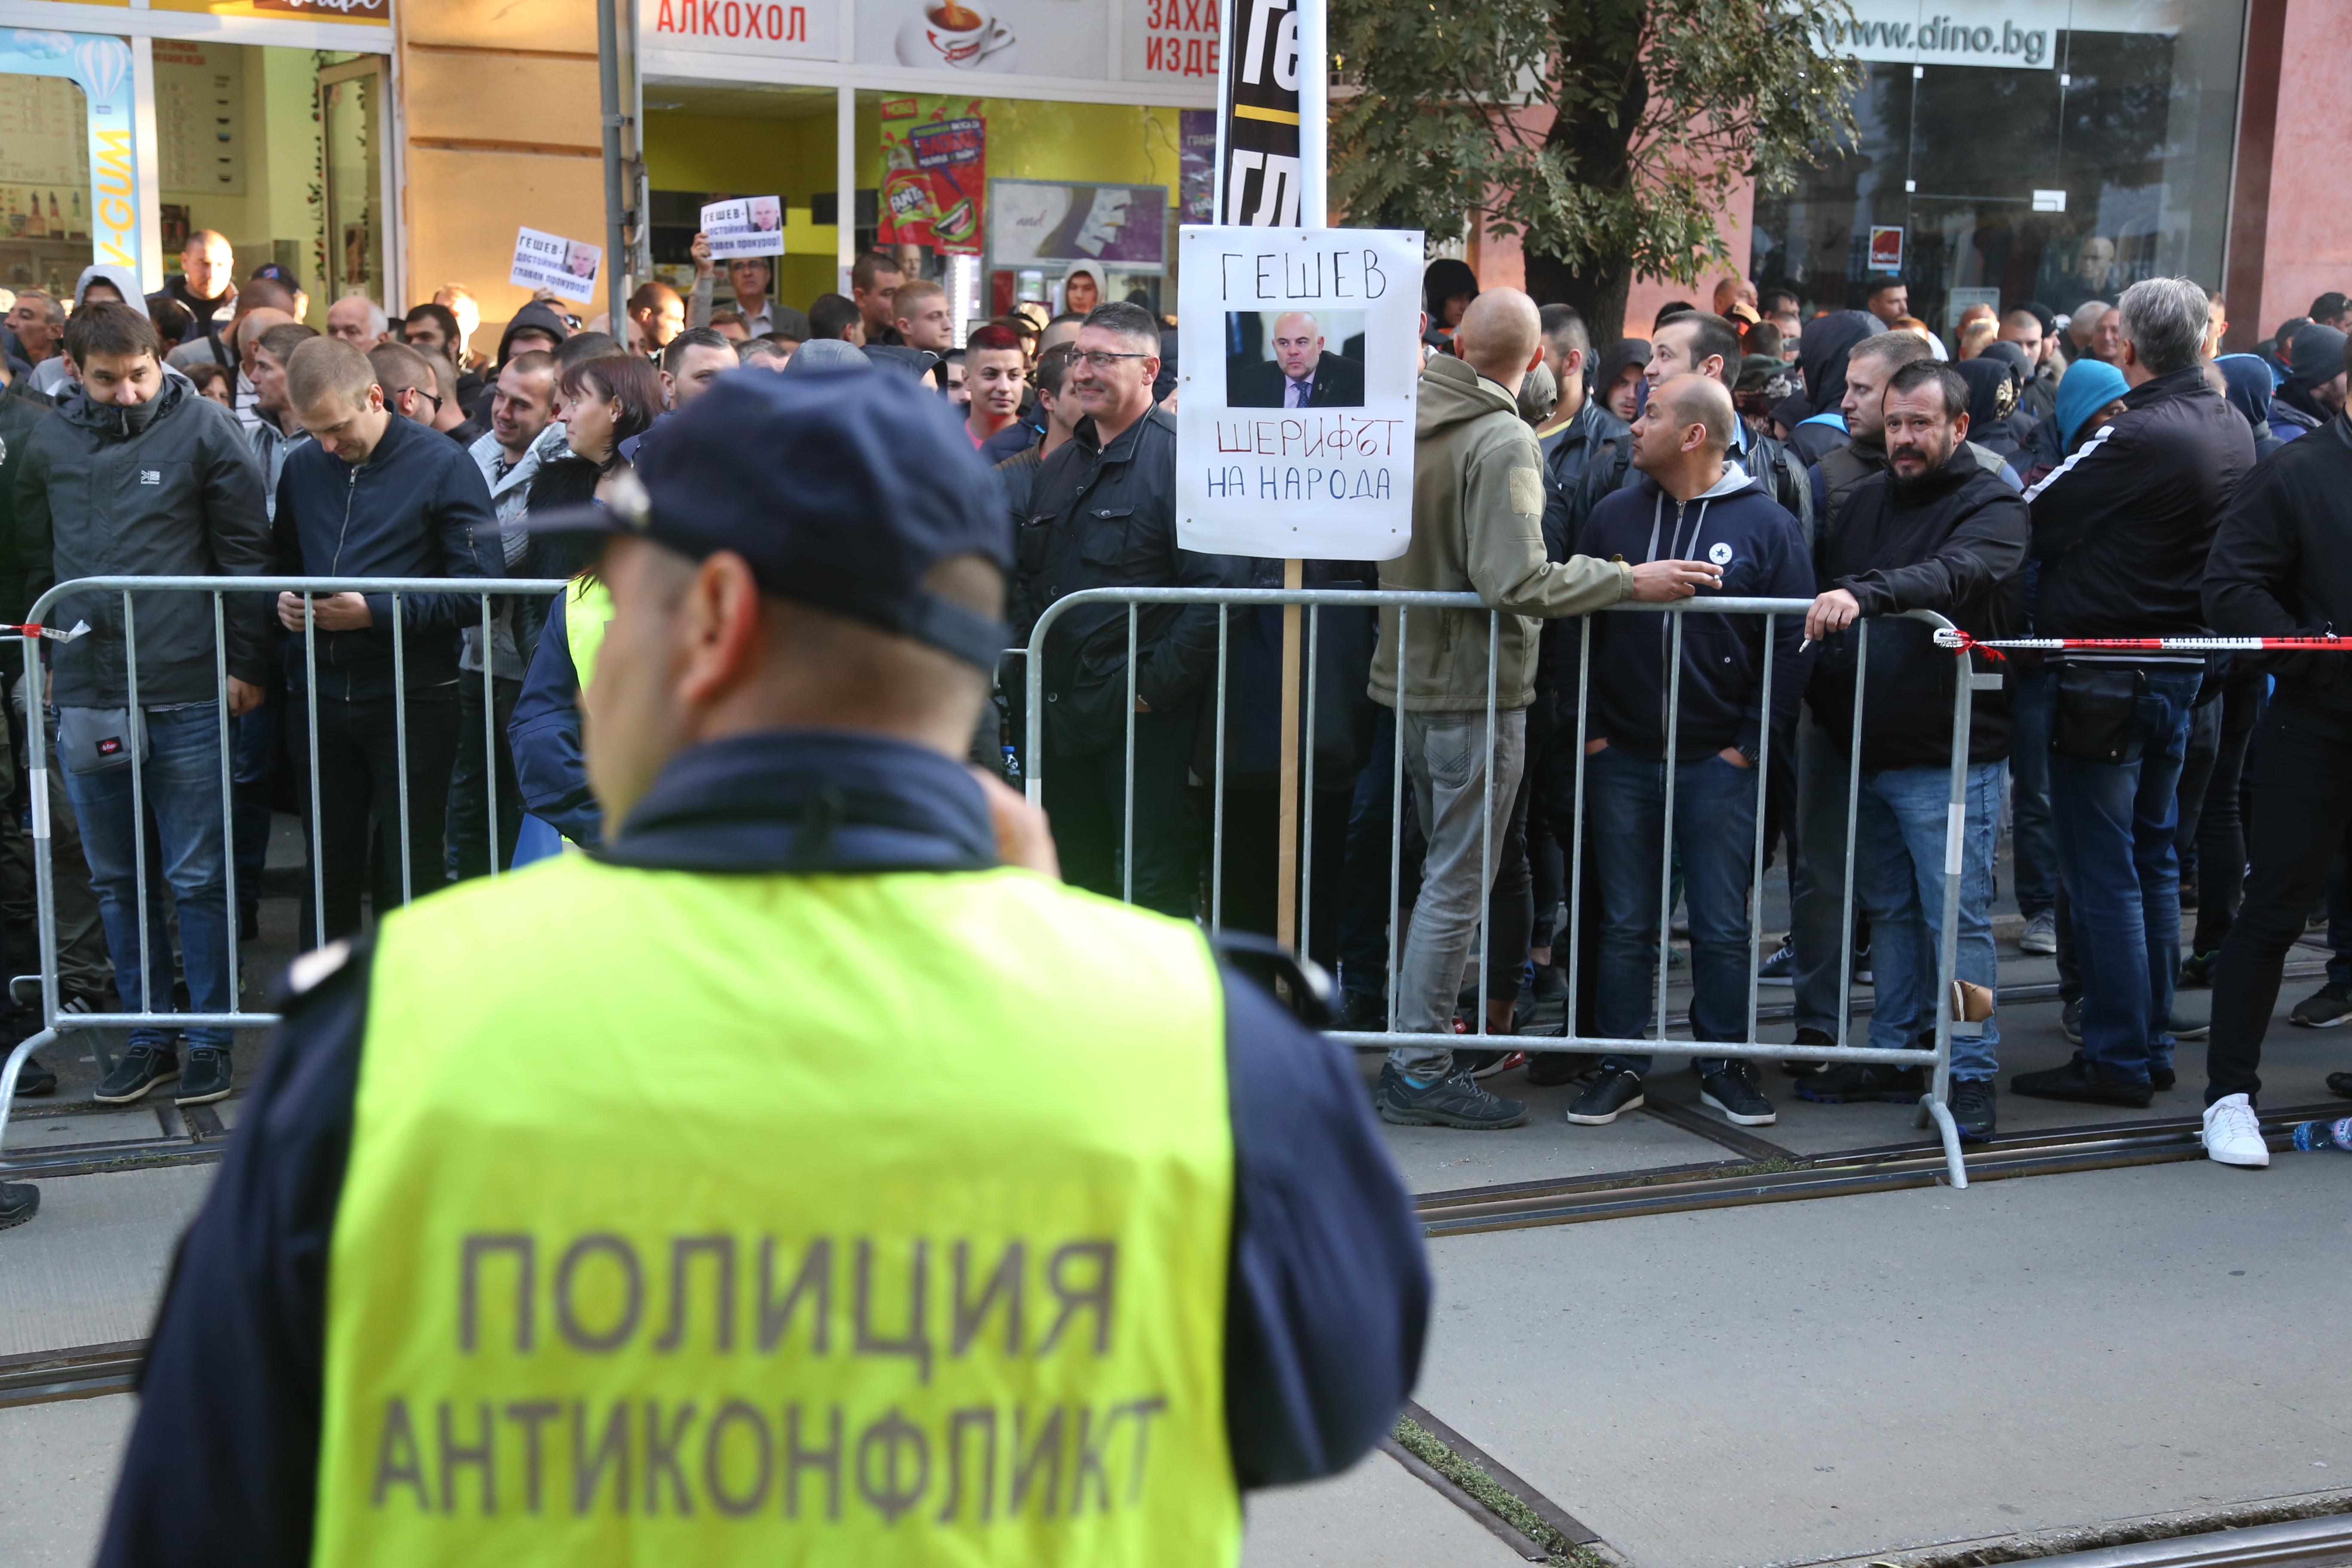 Демонстрации против и в подкрепа на Иван Гешев блокираха движението около сградата на Висшия съдебен съвет в деня на изслушването на единствения кандидат за нов главен прокурор.